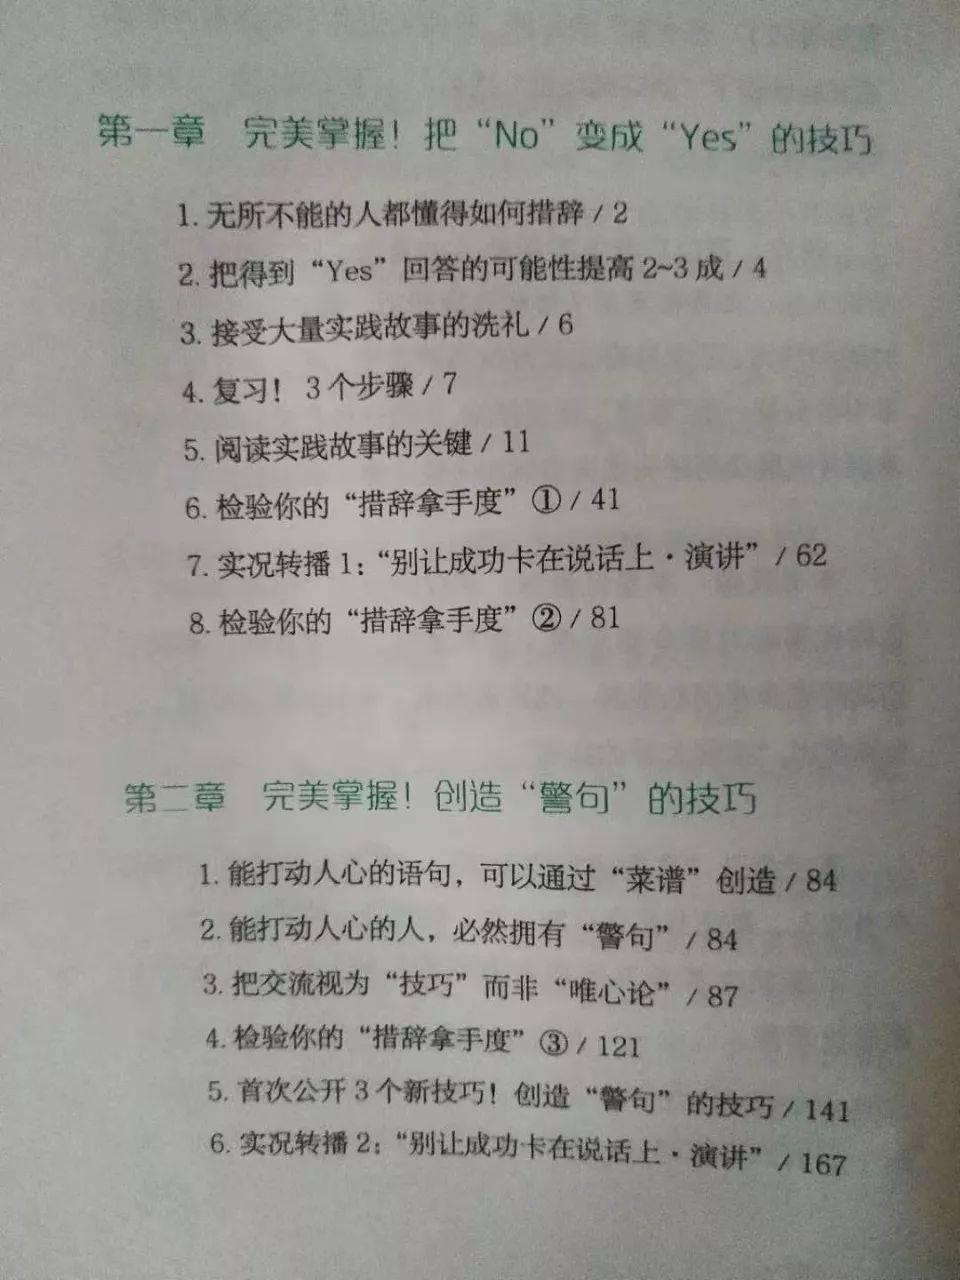 鸟哥笔记,新媒体运营,杨阳,内容运营,文案,思维,总结